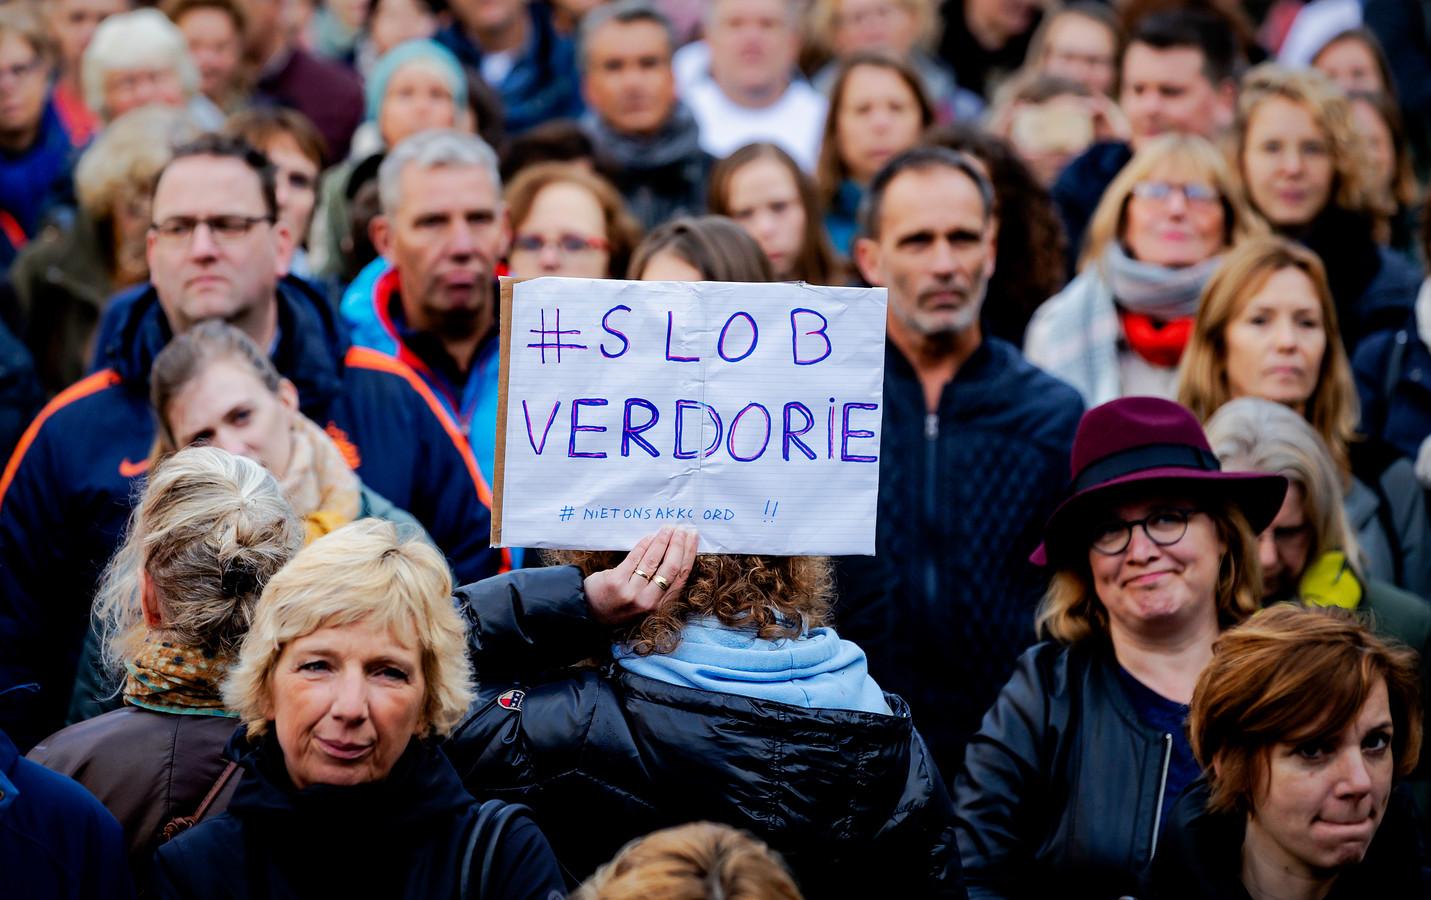 De onderwijswethouders van de vier grote steden hebben een brief met twee concrete noodmaatregelen aan onderwijsminister Arie Slob geschreven.